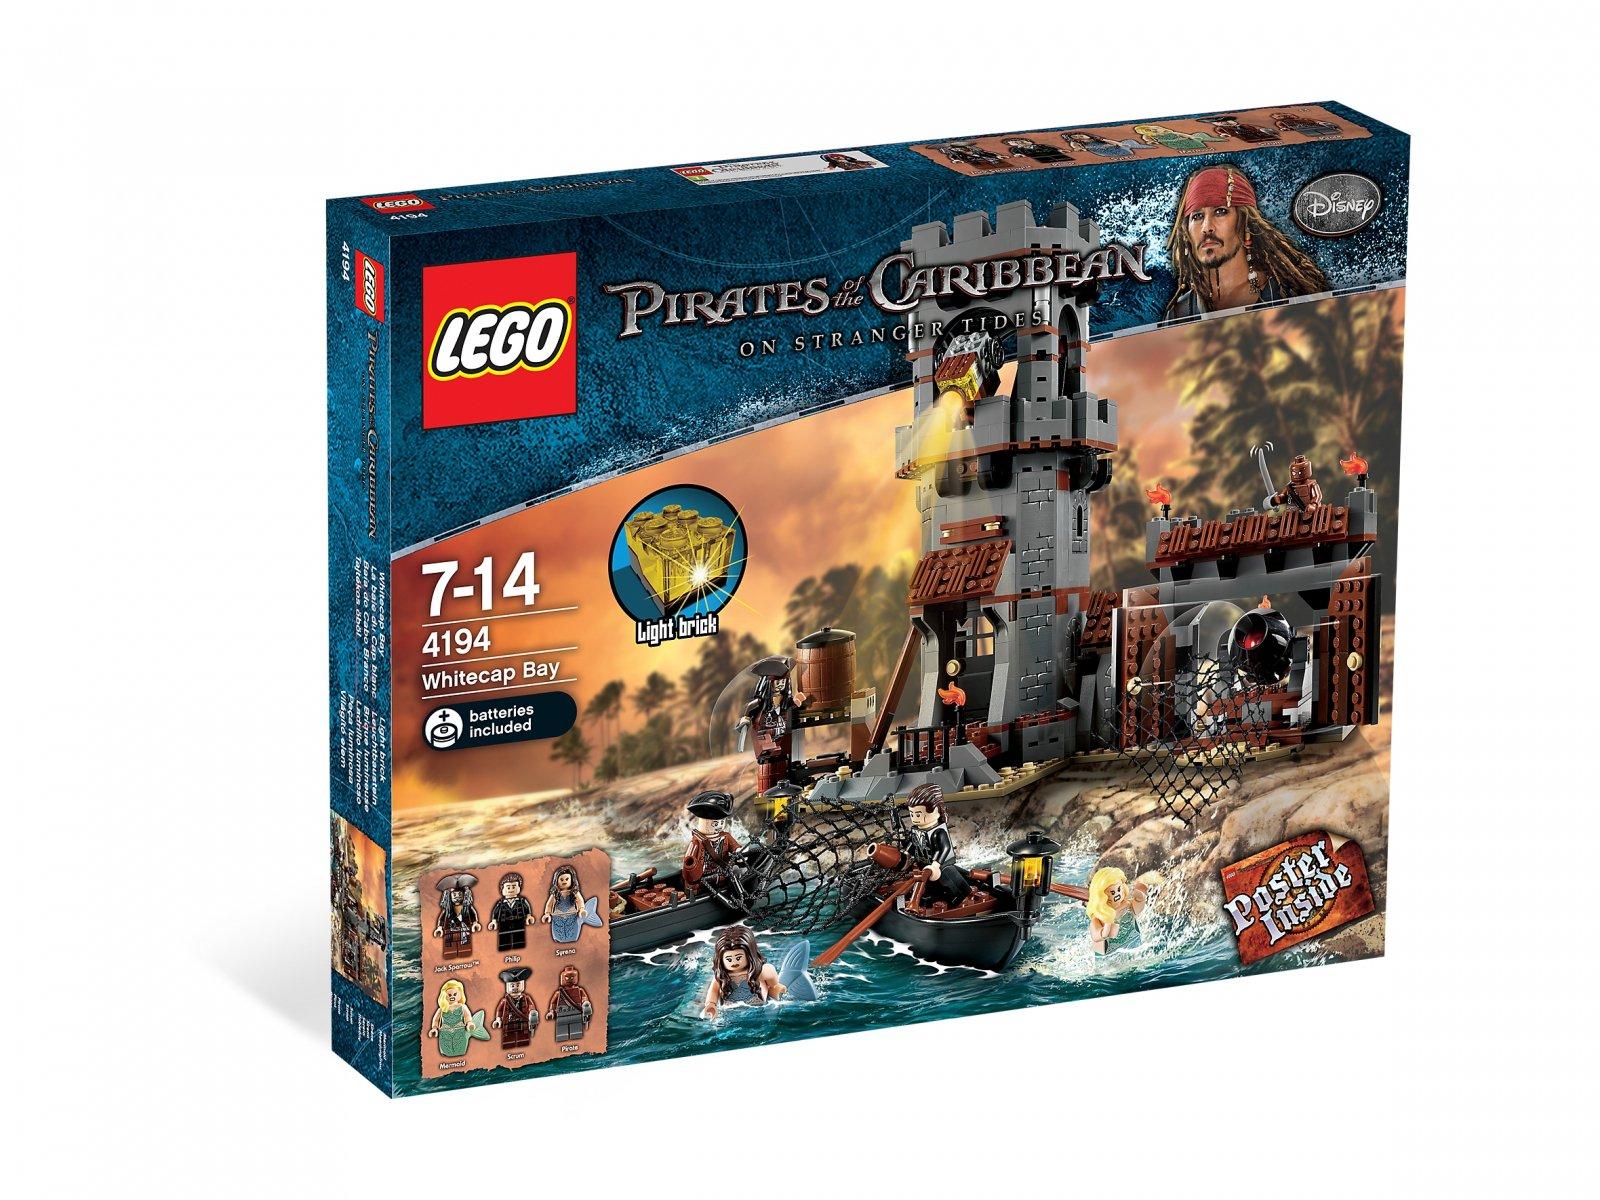 LEGO Pirates of the Caribbean™ Whitecap Bay 4194